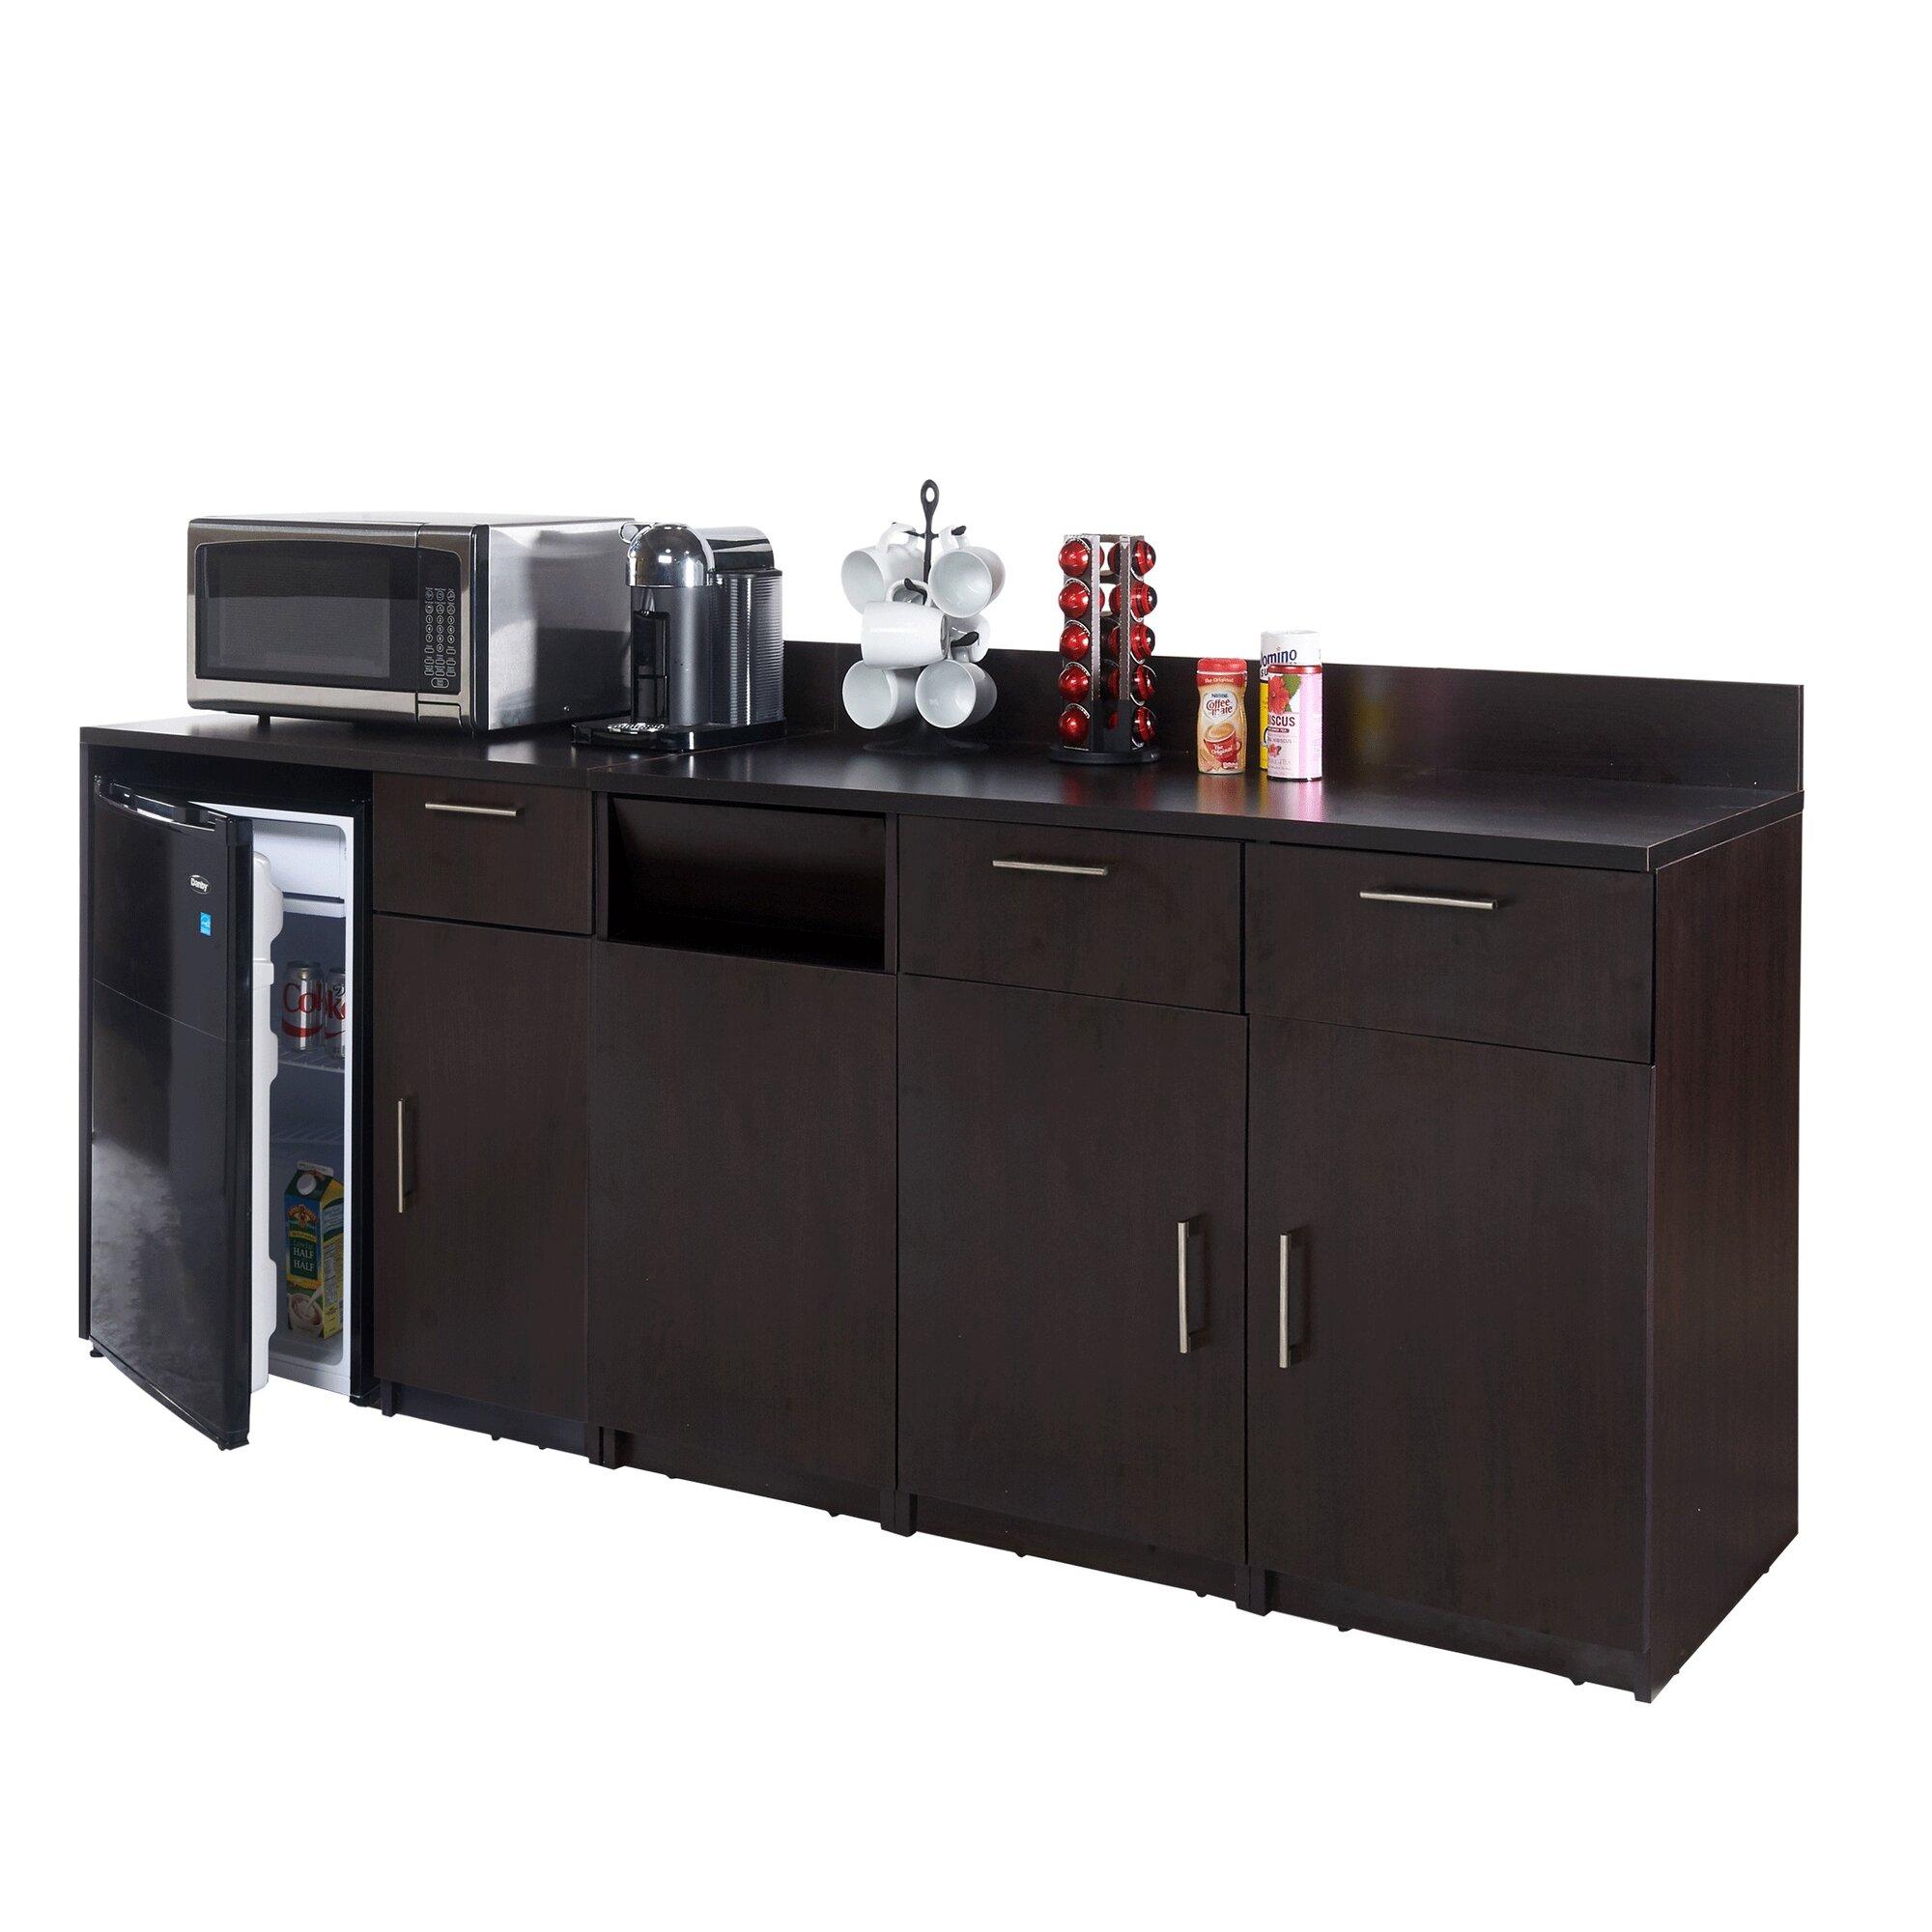 Breaktime coffee break 36 x 90 base cabinet for Sideboard 90 x 40